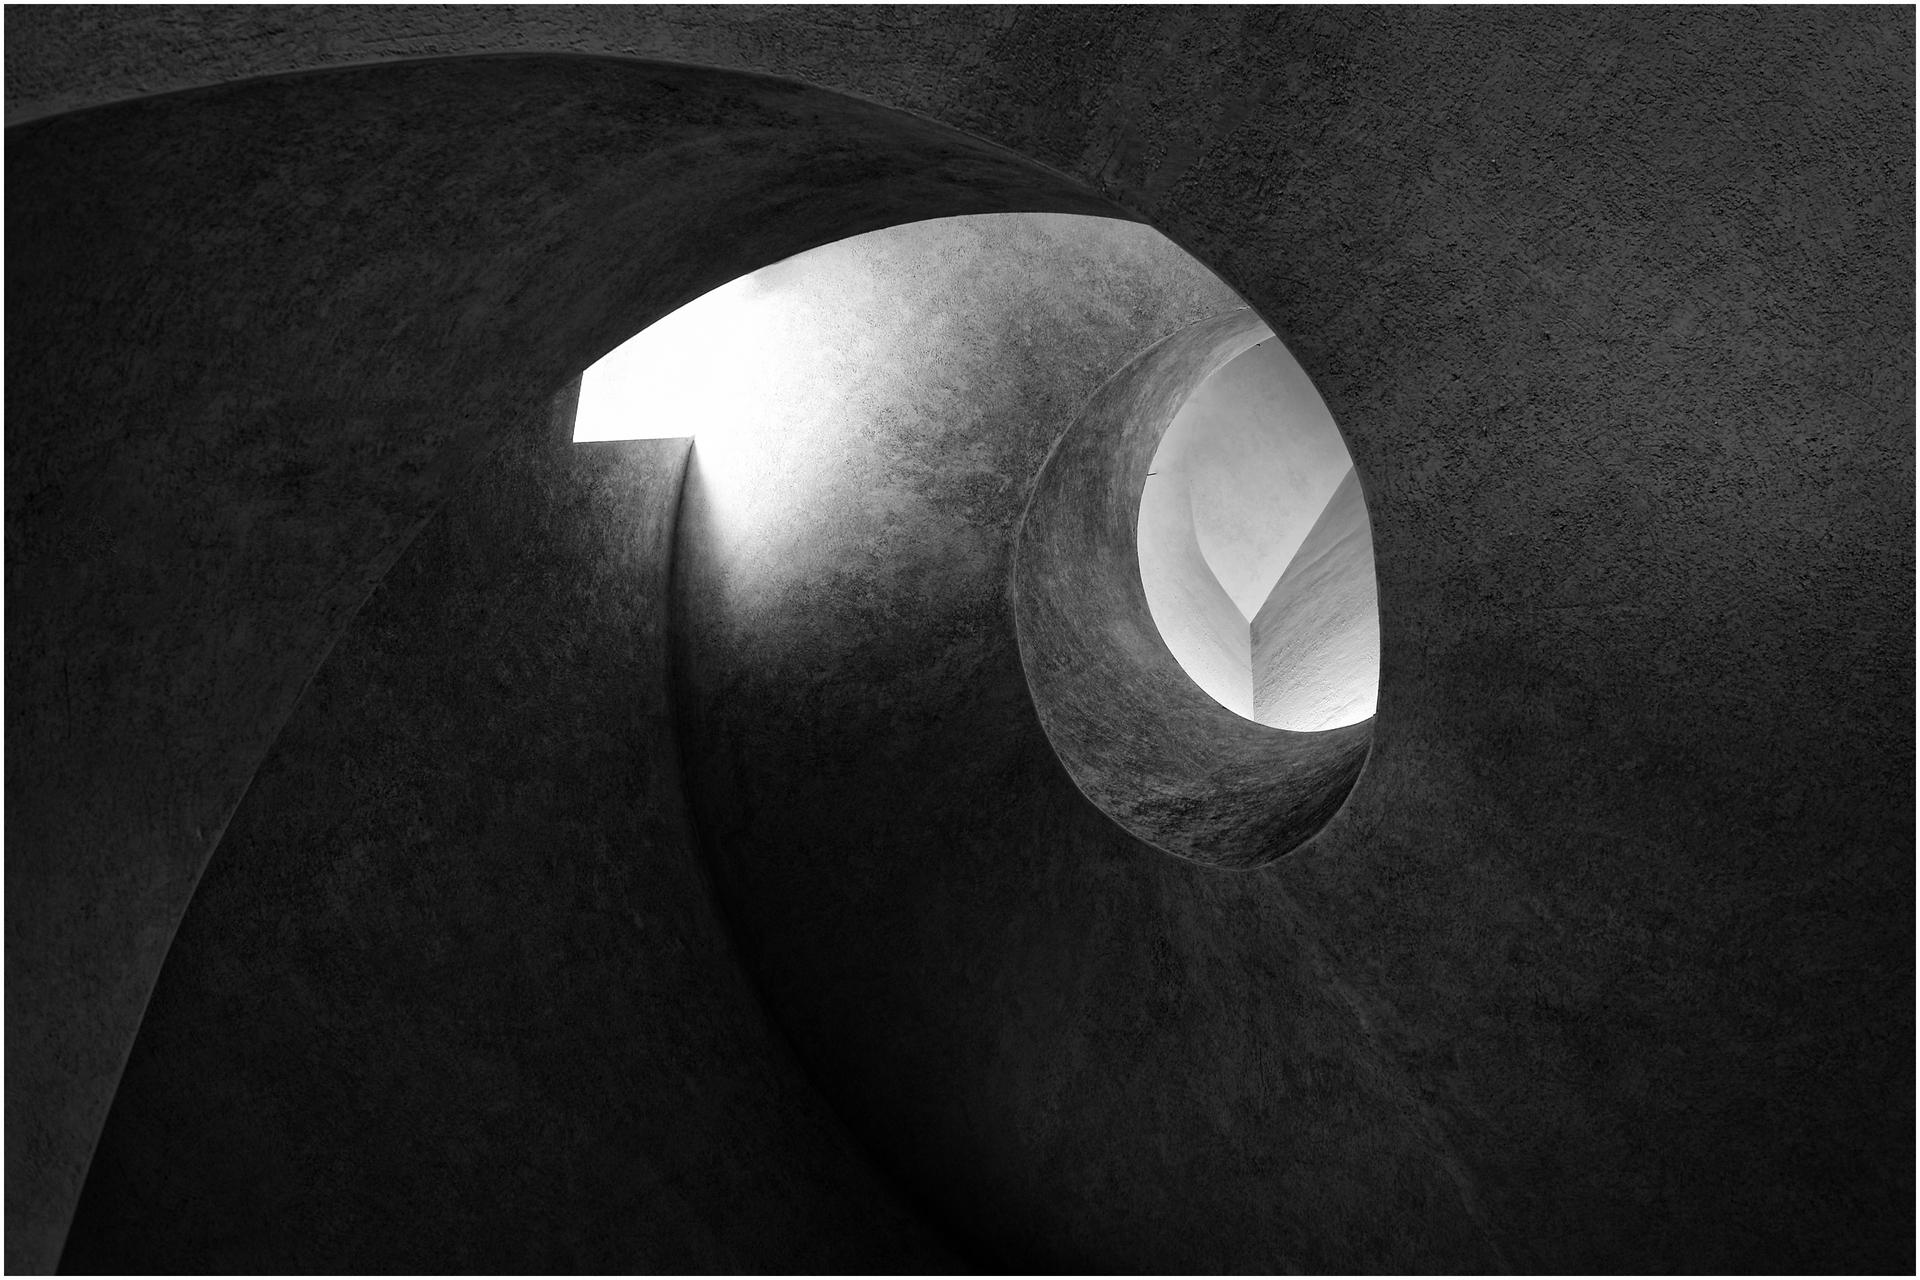 089 Ott Gilbert - Tout la haut la lumière